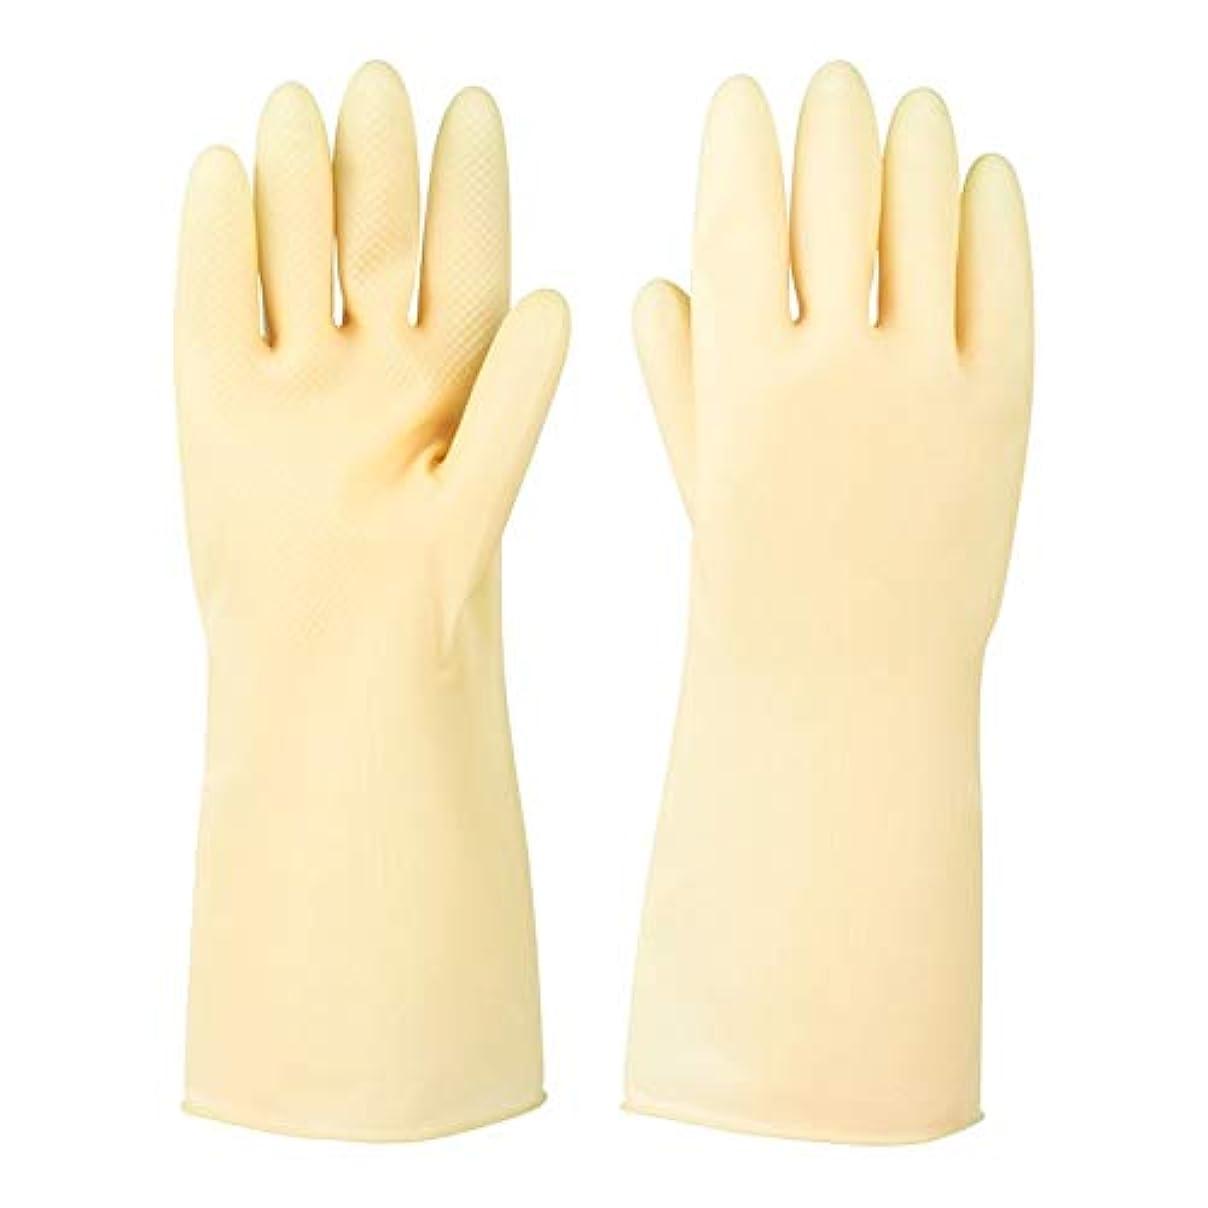 ポスターボトル美徳ニトリルゴム手袋 ラバーレザーグローブ厚めの滑り止め耐摩耗性防水保護手袋、5ペア 使い捨て手袋 (Color : 5 pair, Size : S)